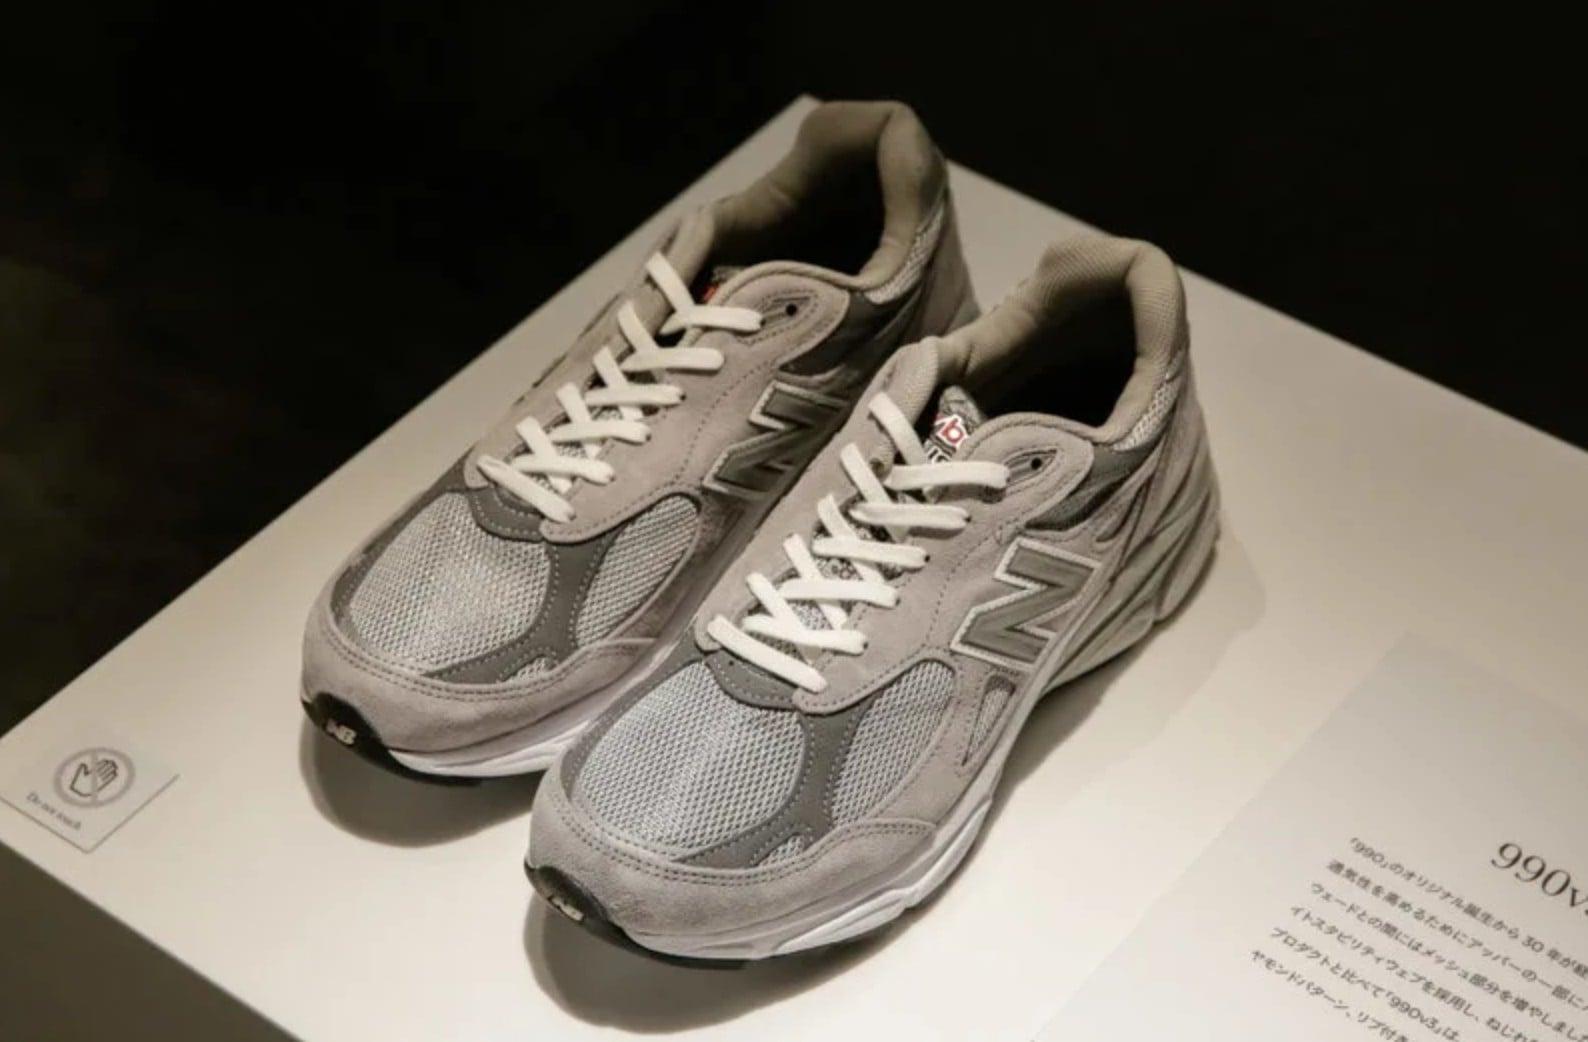 # 一日限定 New Balance 990 博物館:珍稀原作展出。新系列990v5一併發表 » L.DOPE